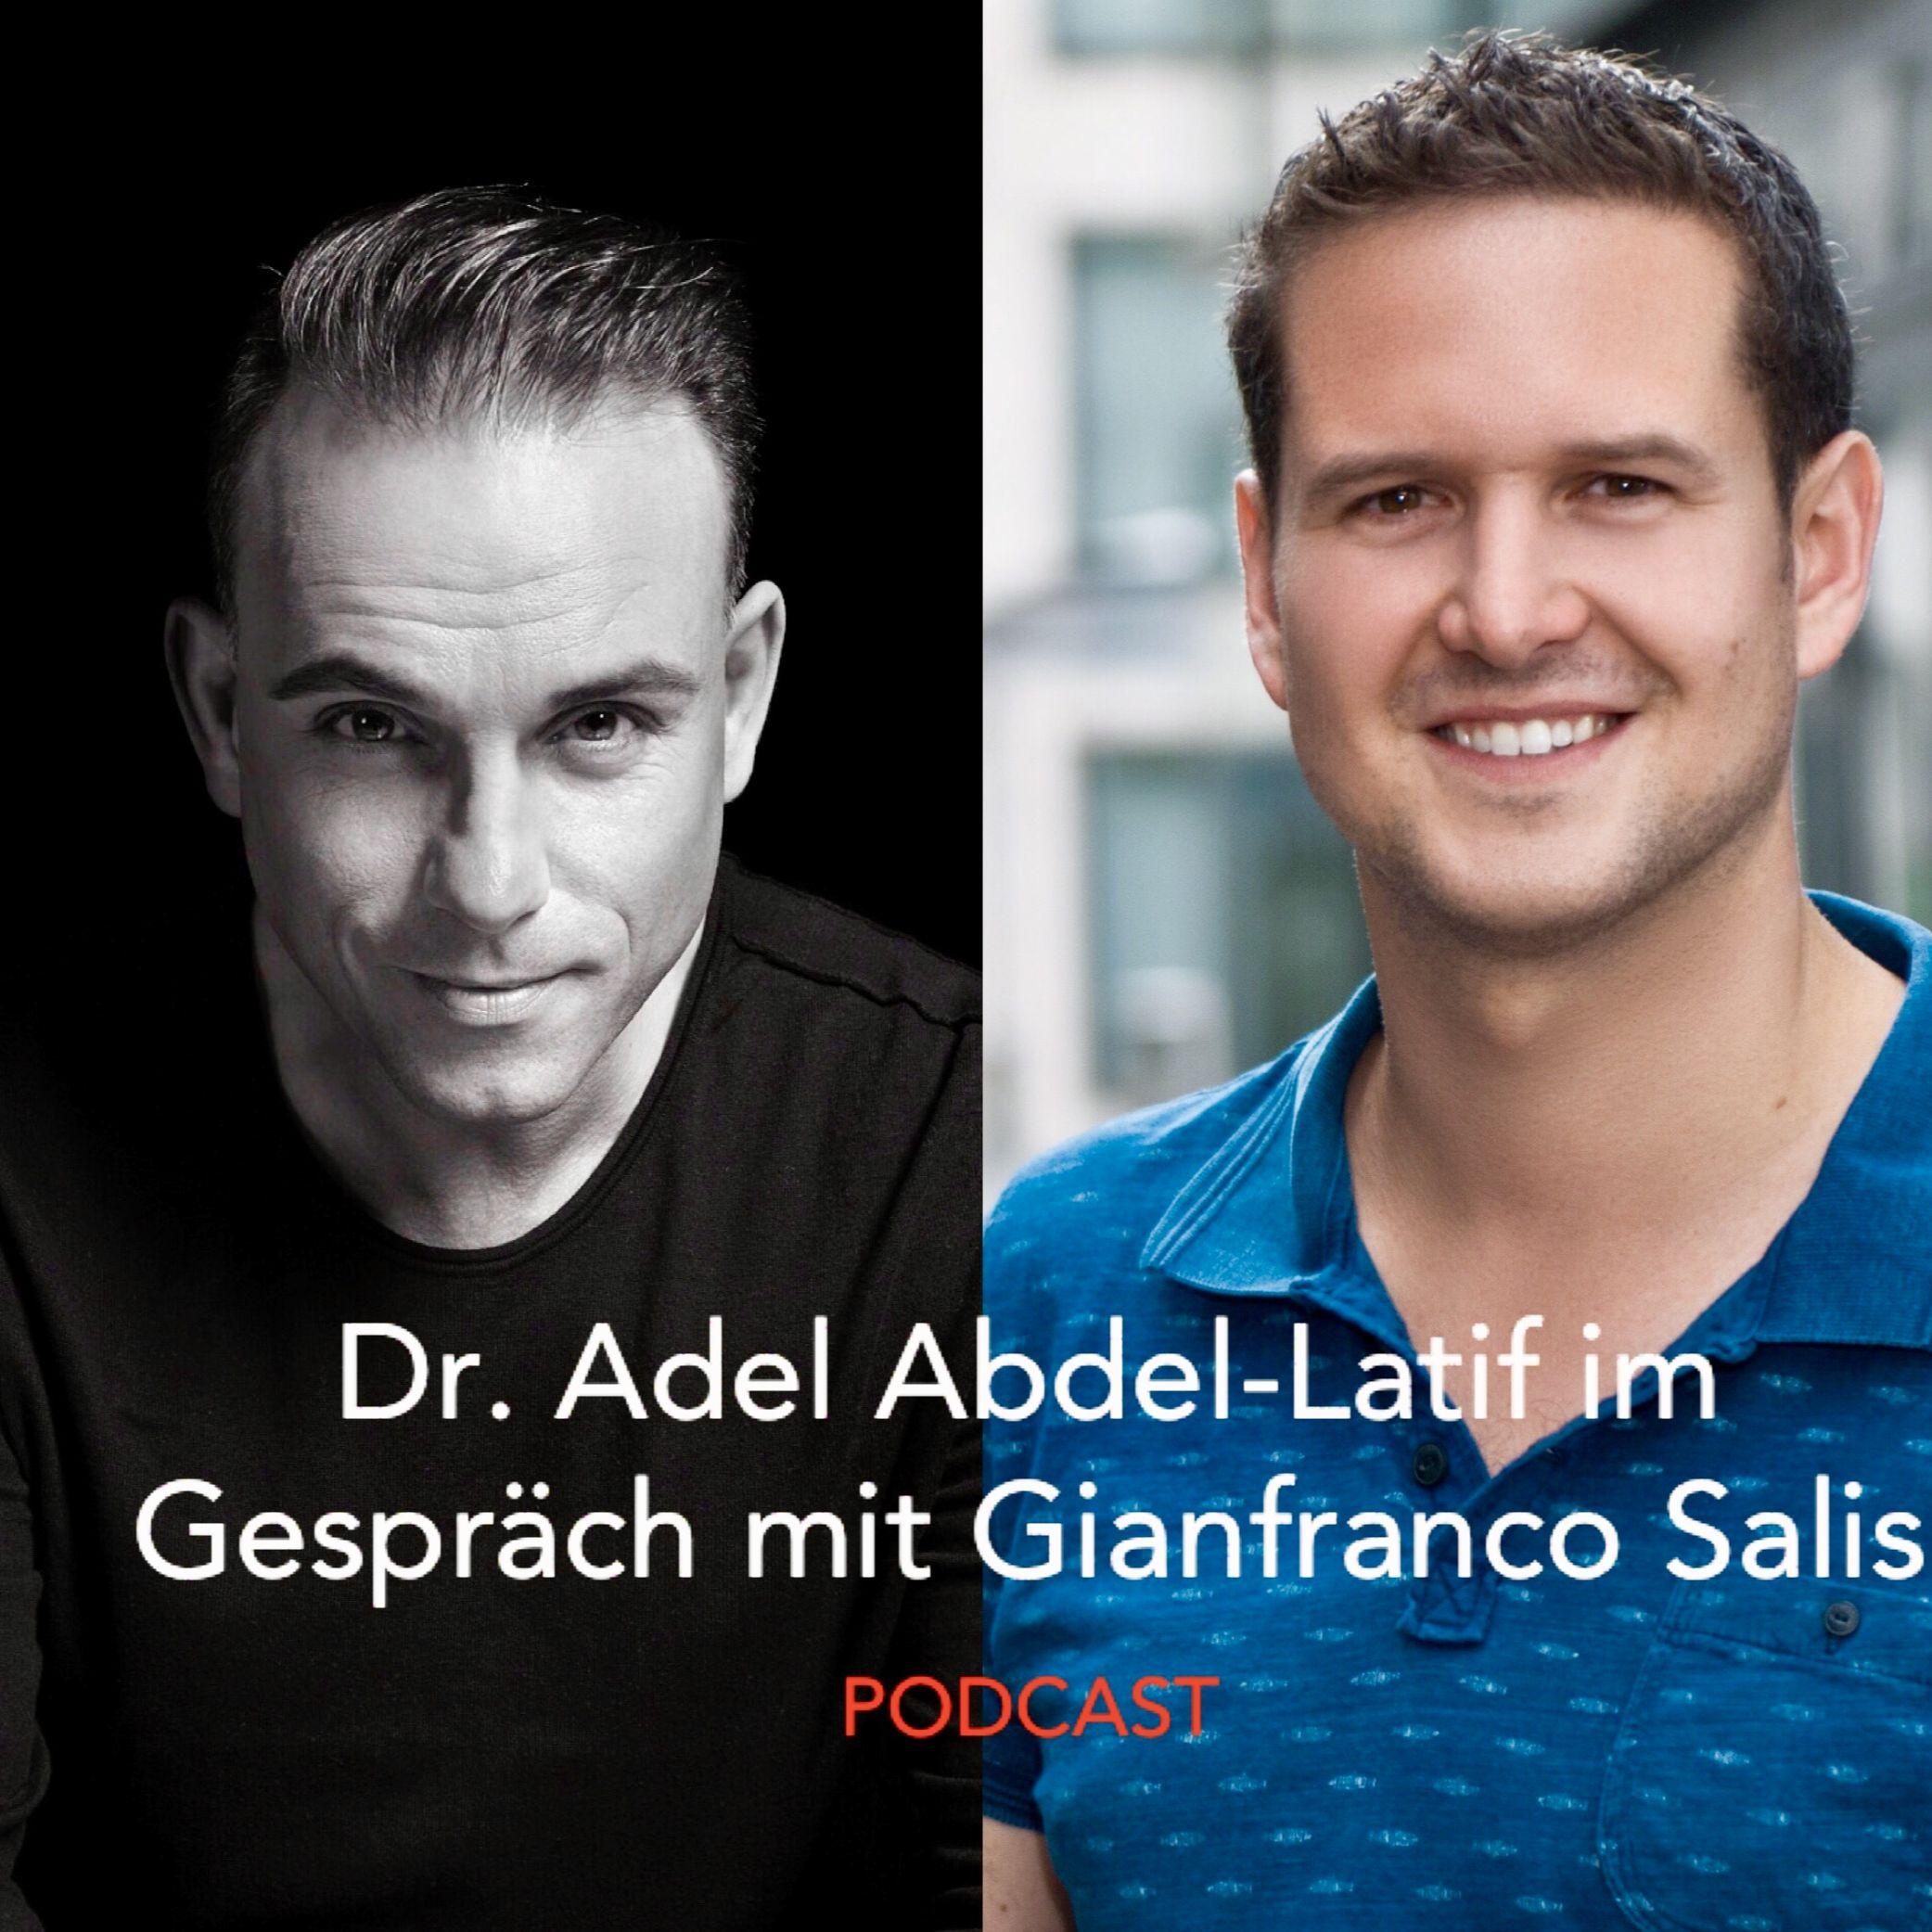 Erfolg ist kein Zufall - der Podcast der Dich richtig durchstarten lässt!